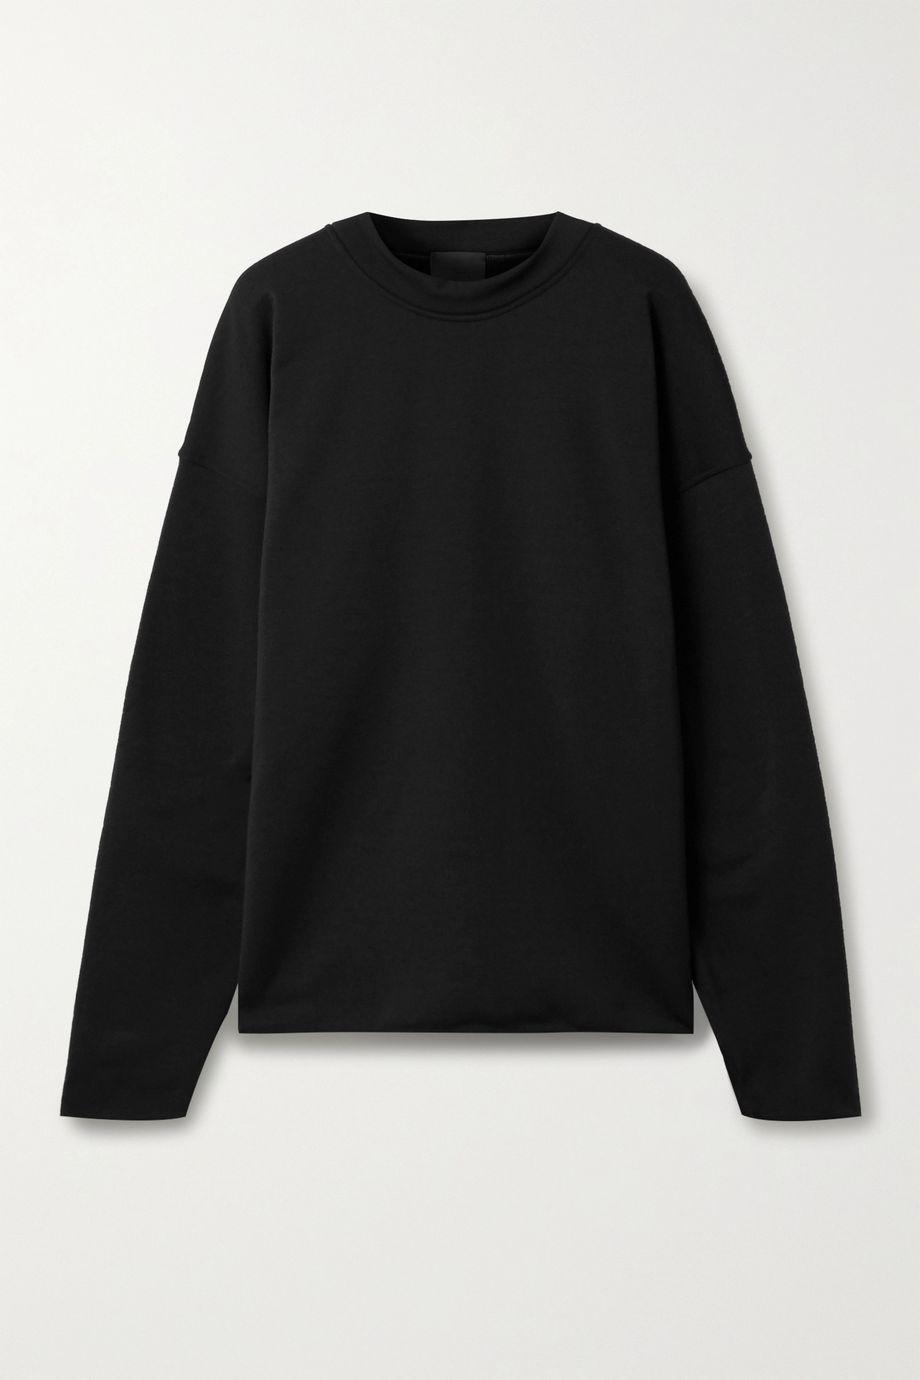 WONE Oversized fleece sweatshirt